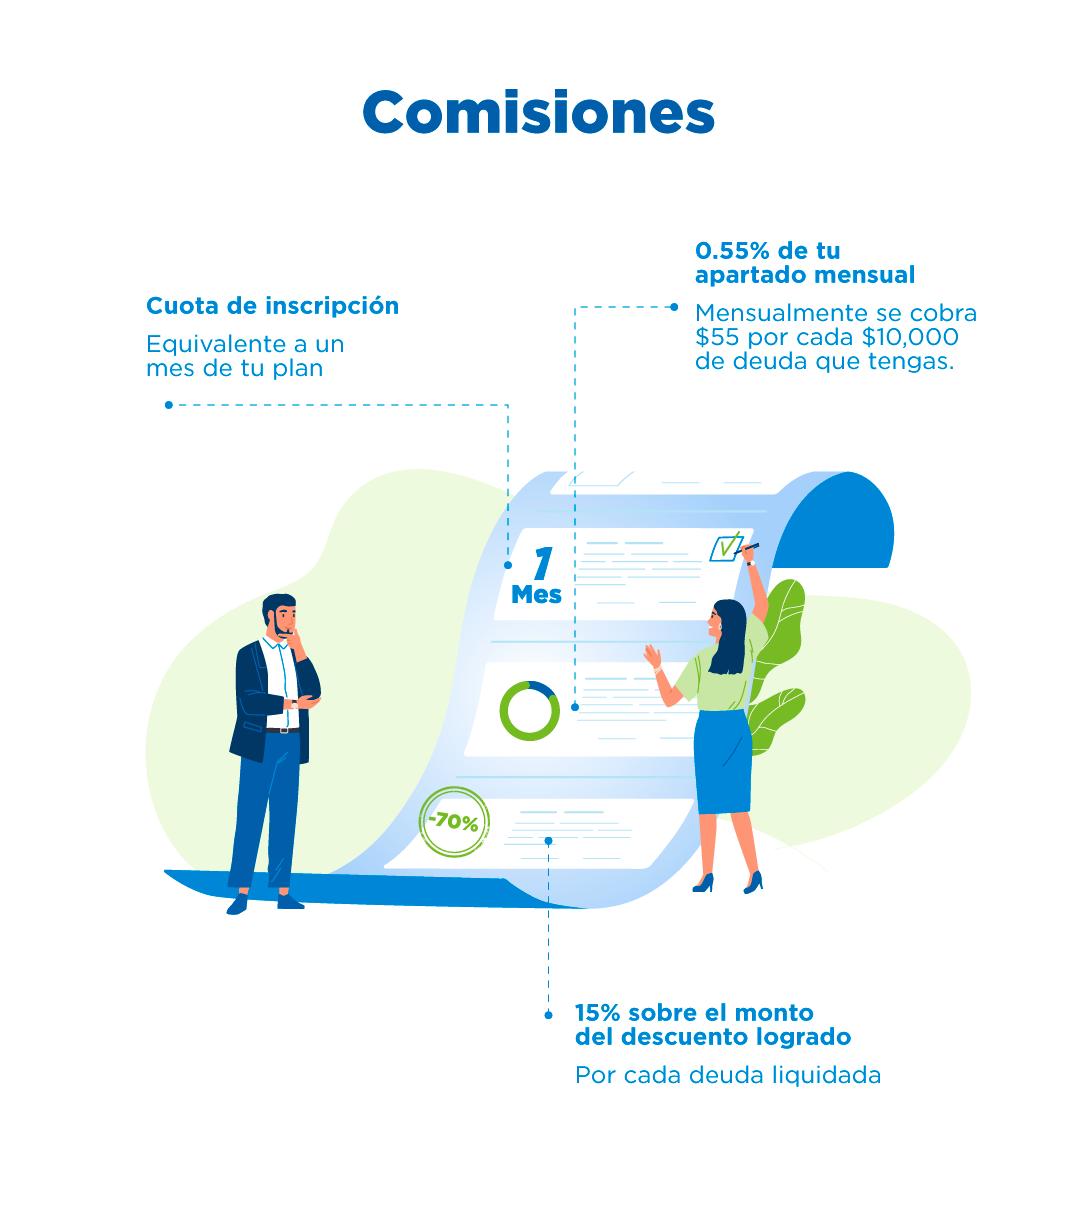 Comisiones de Resuelve Tu Deuda en México. Liquida tus deudas a partir de $35,000 pesos.